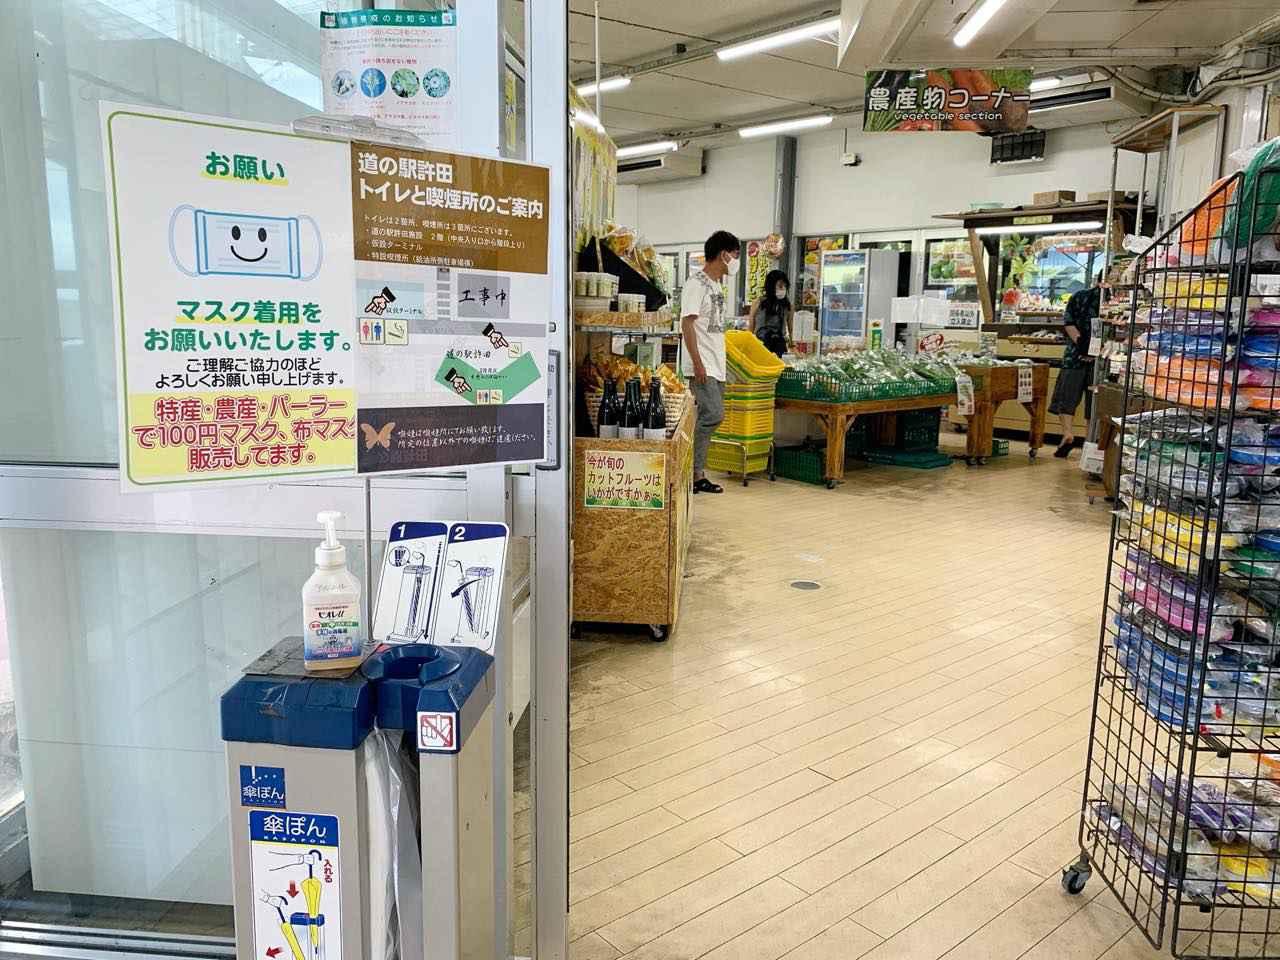 画像6: 穏やかな秋風の季節には沖縄本島北部へ。コロナ禍でも営業を続ける各地の取り組みをレポート